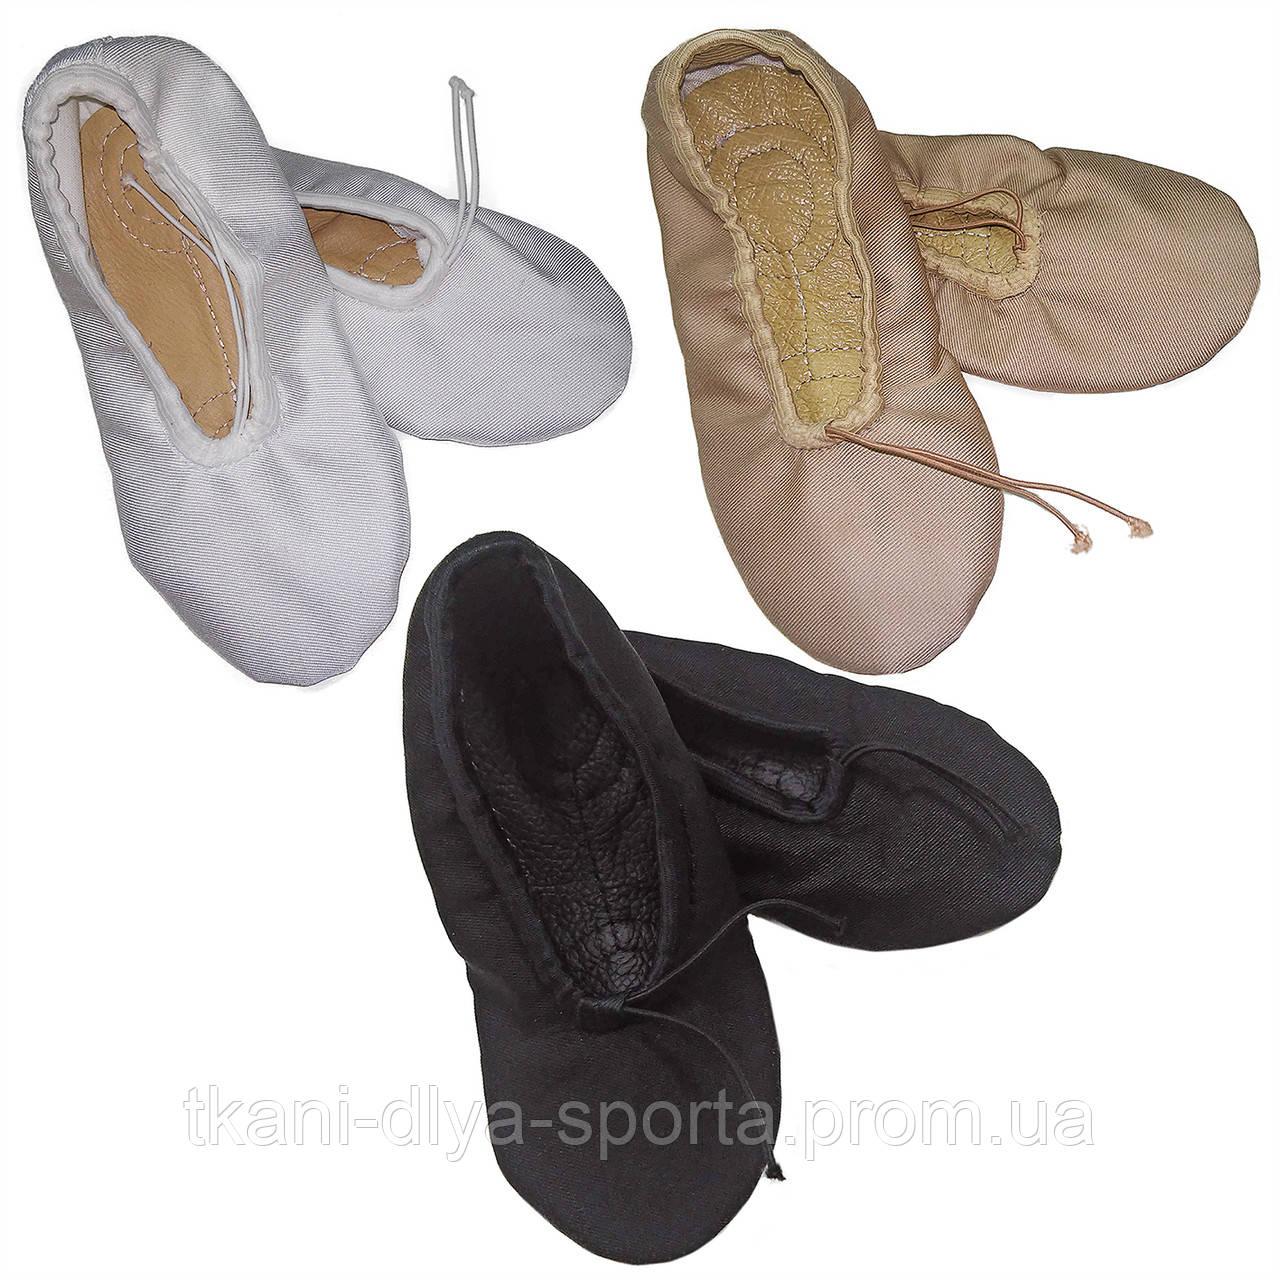 Балетки тканевые для хореографии, танцев, балета